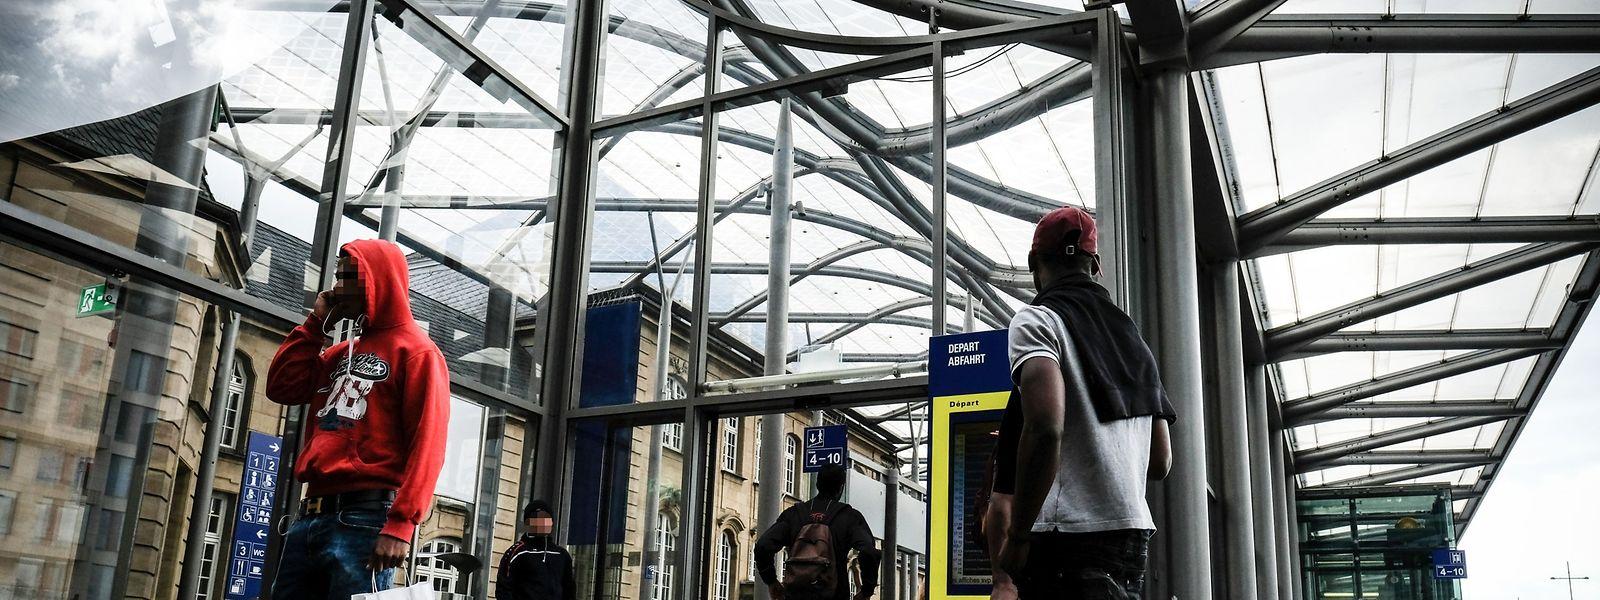 Vorrangig rund um den hauptstädtischen Bahnhof nahmen die Täter ihre Opfer mit dem Antanztrick ins Visier.